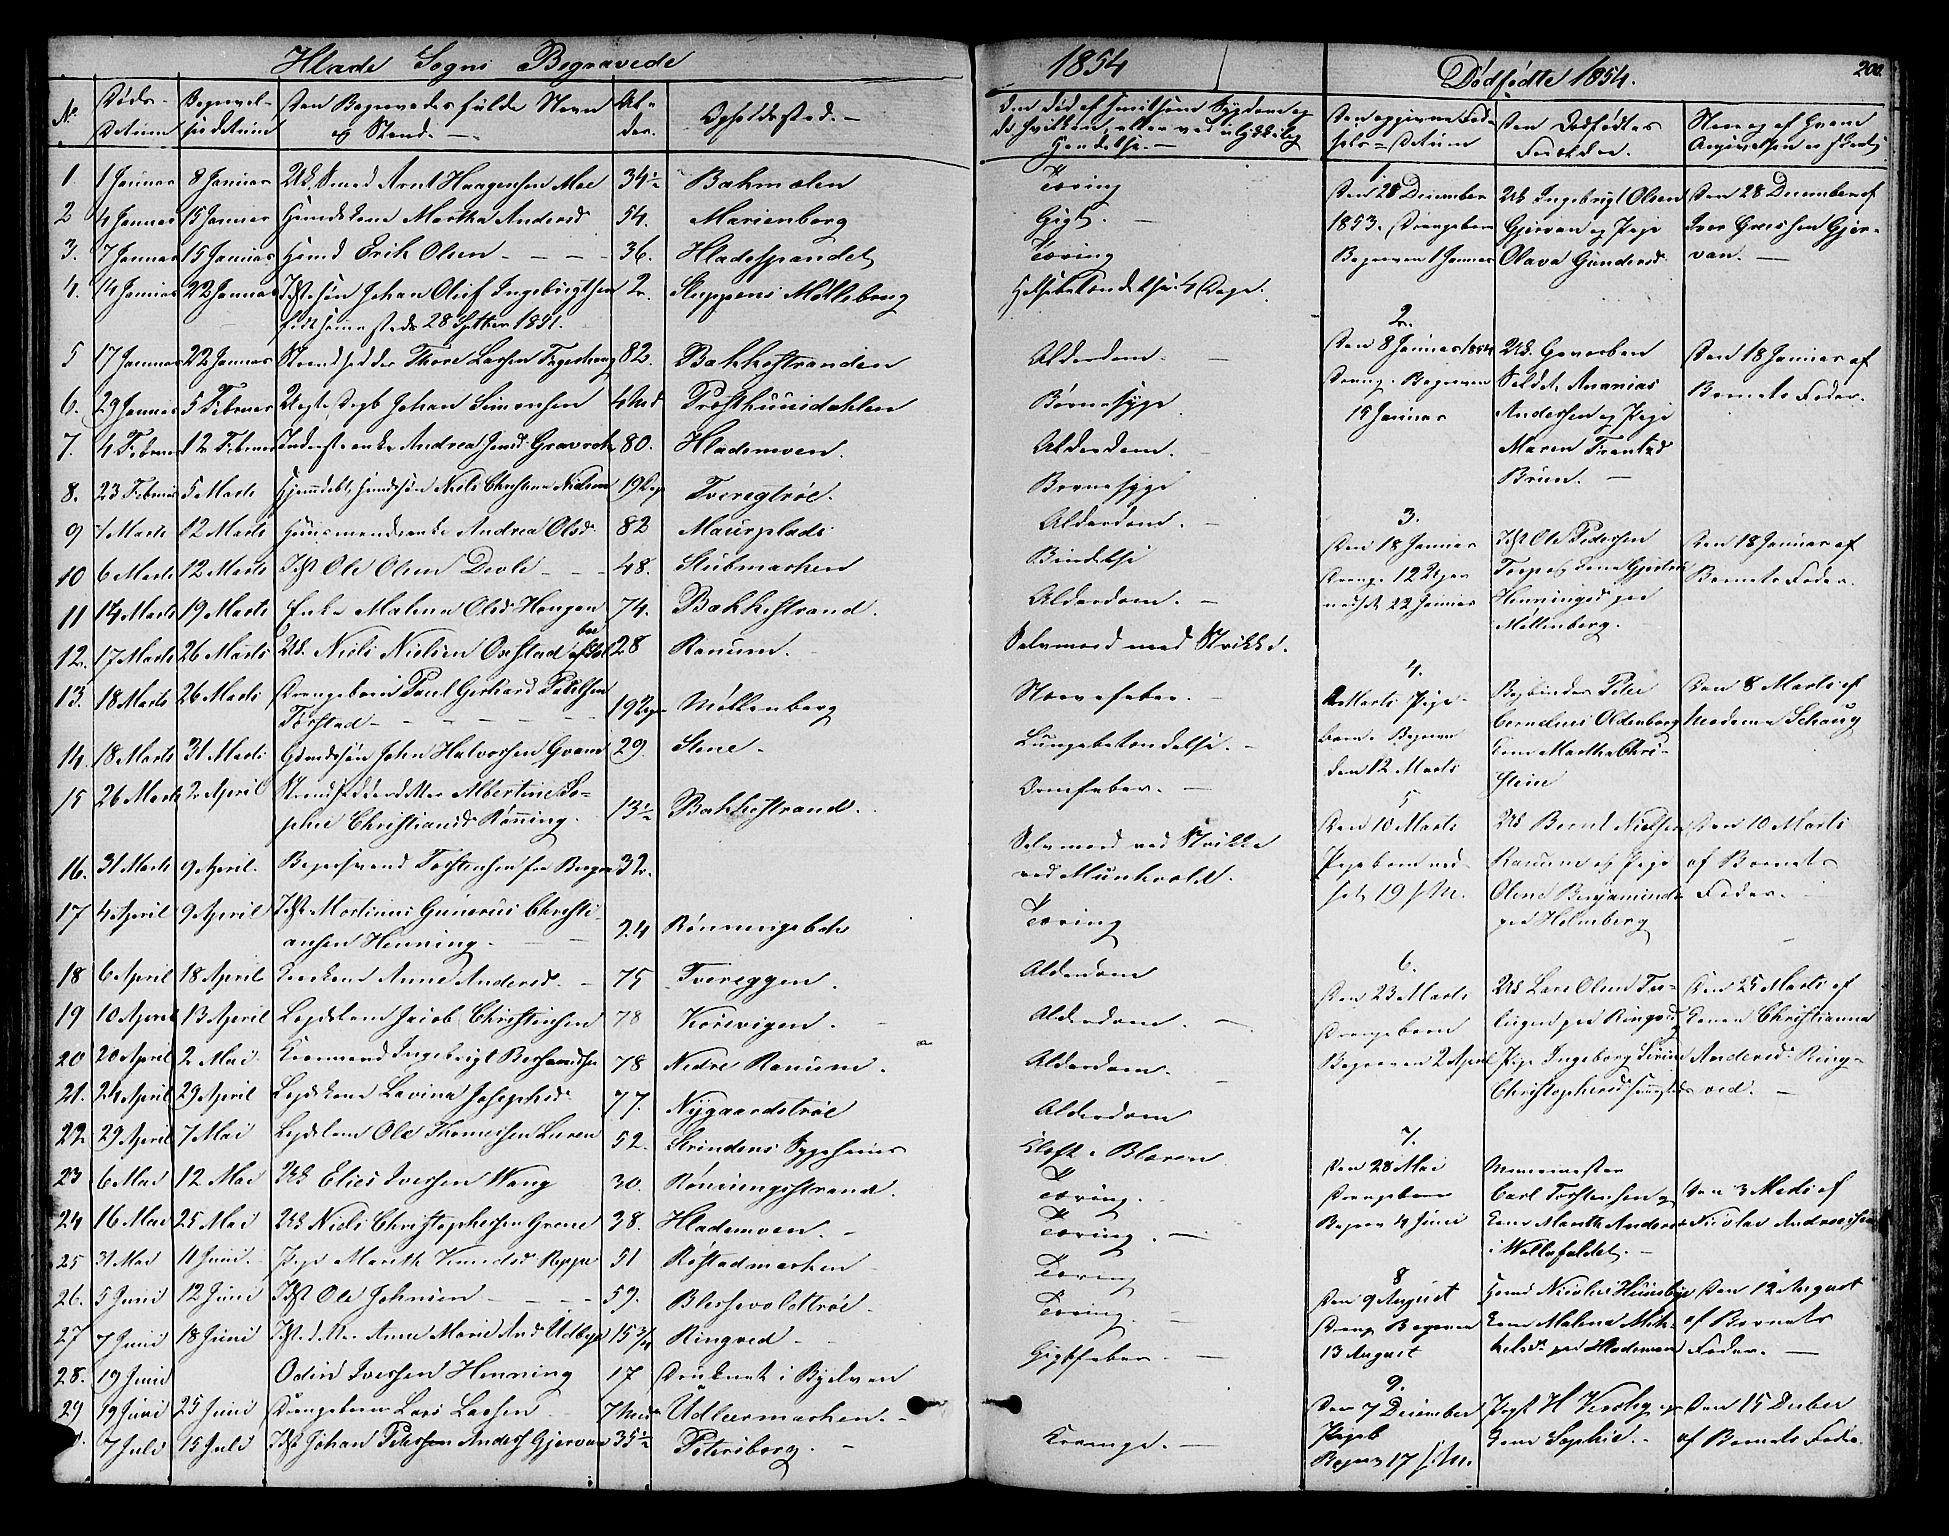 SAT, Ministerialprotokoller, klokkerbøker og fødselsregistre - Sør-Trøndelag, 606/L0310: Klokkerbok nr. 606C06, 1850-1859, s. 200